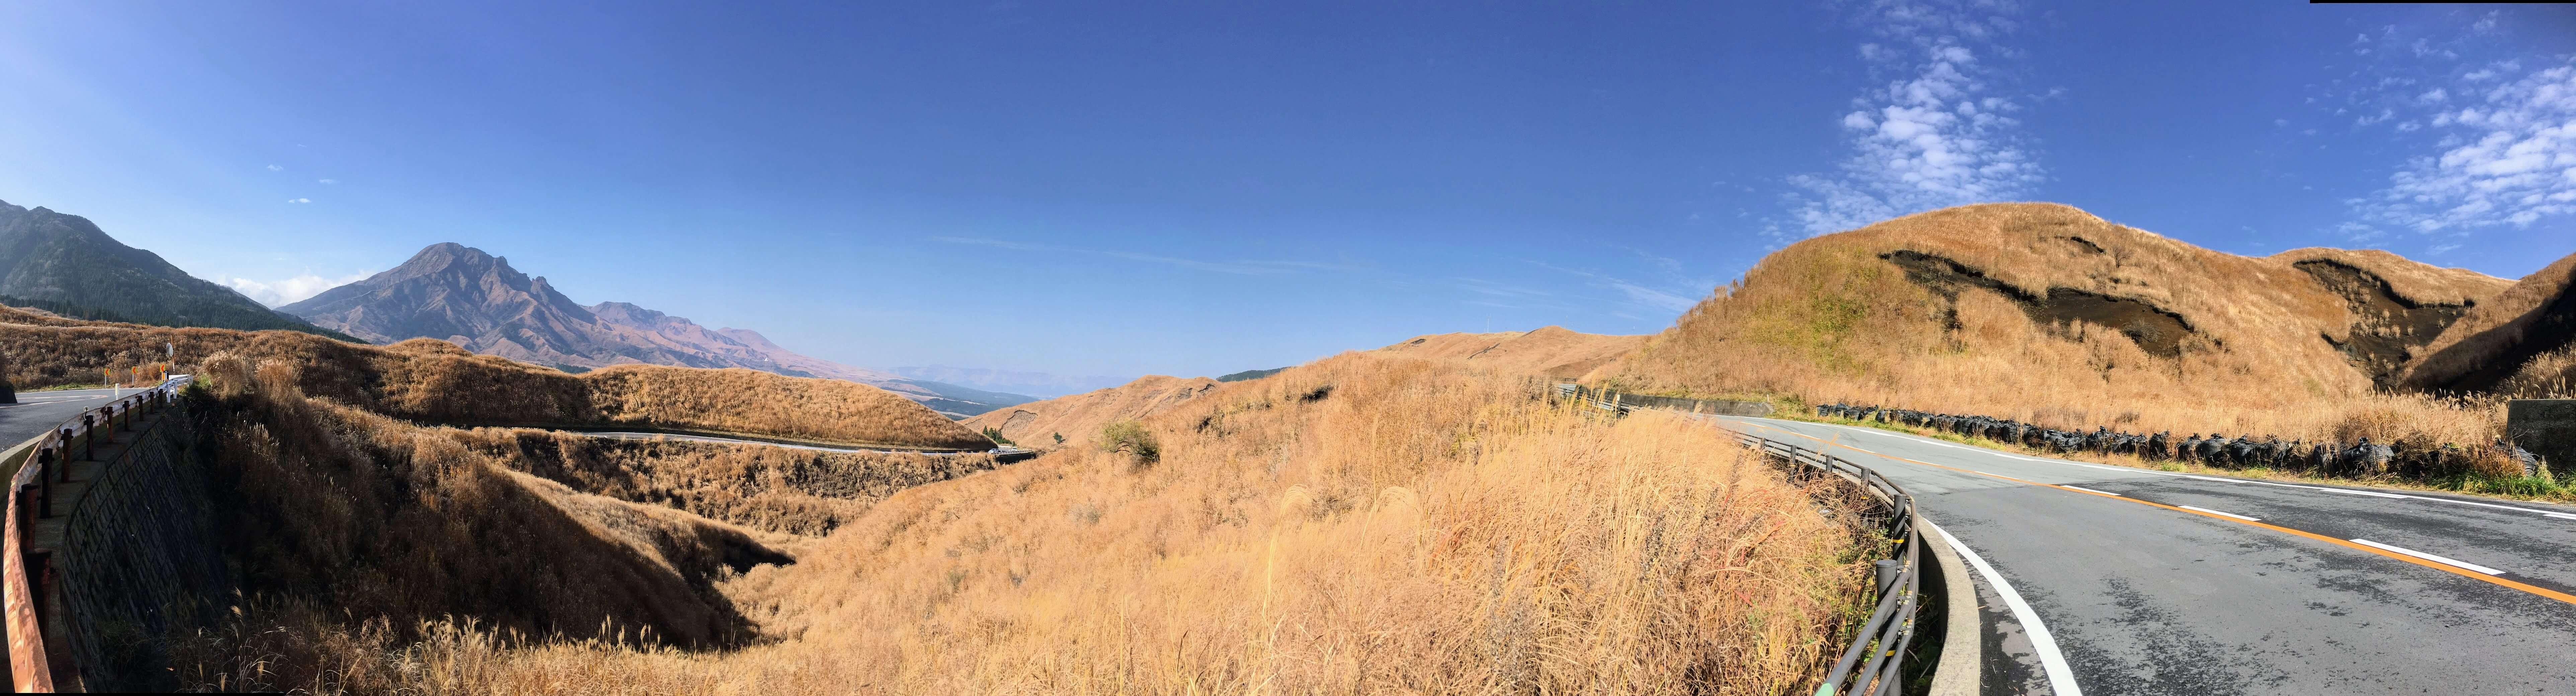 冬の阿蘇山。一面がススキに覆われて黄金色に染まっています